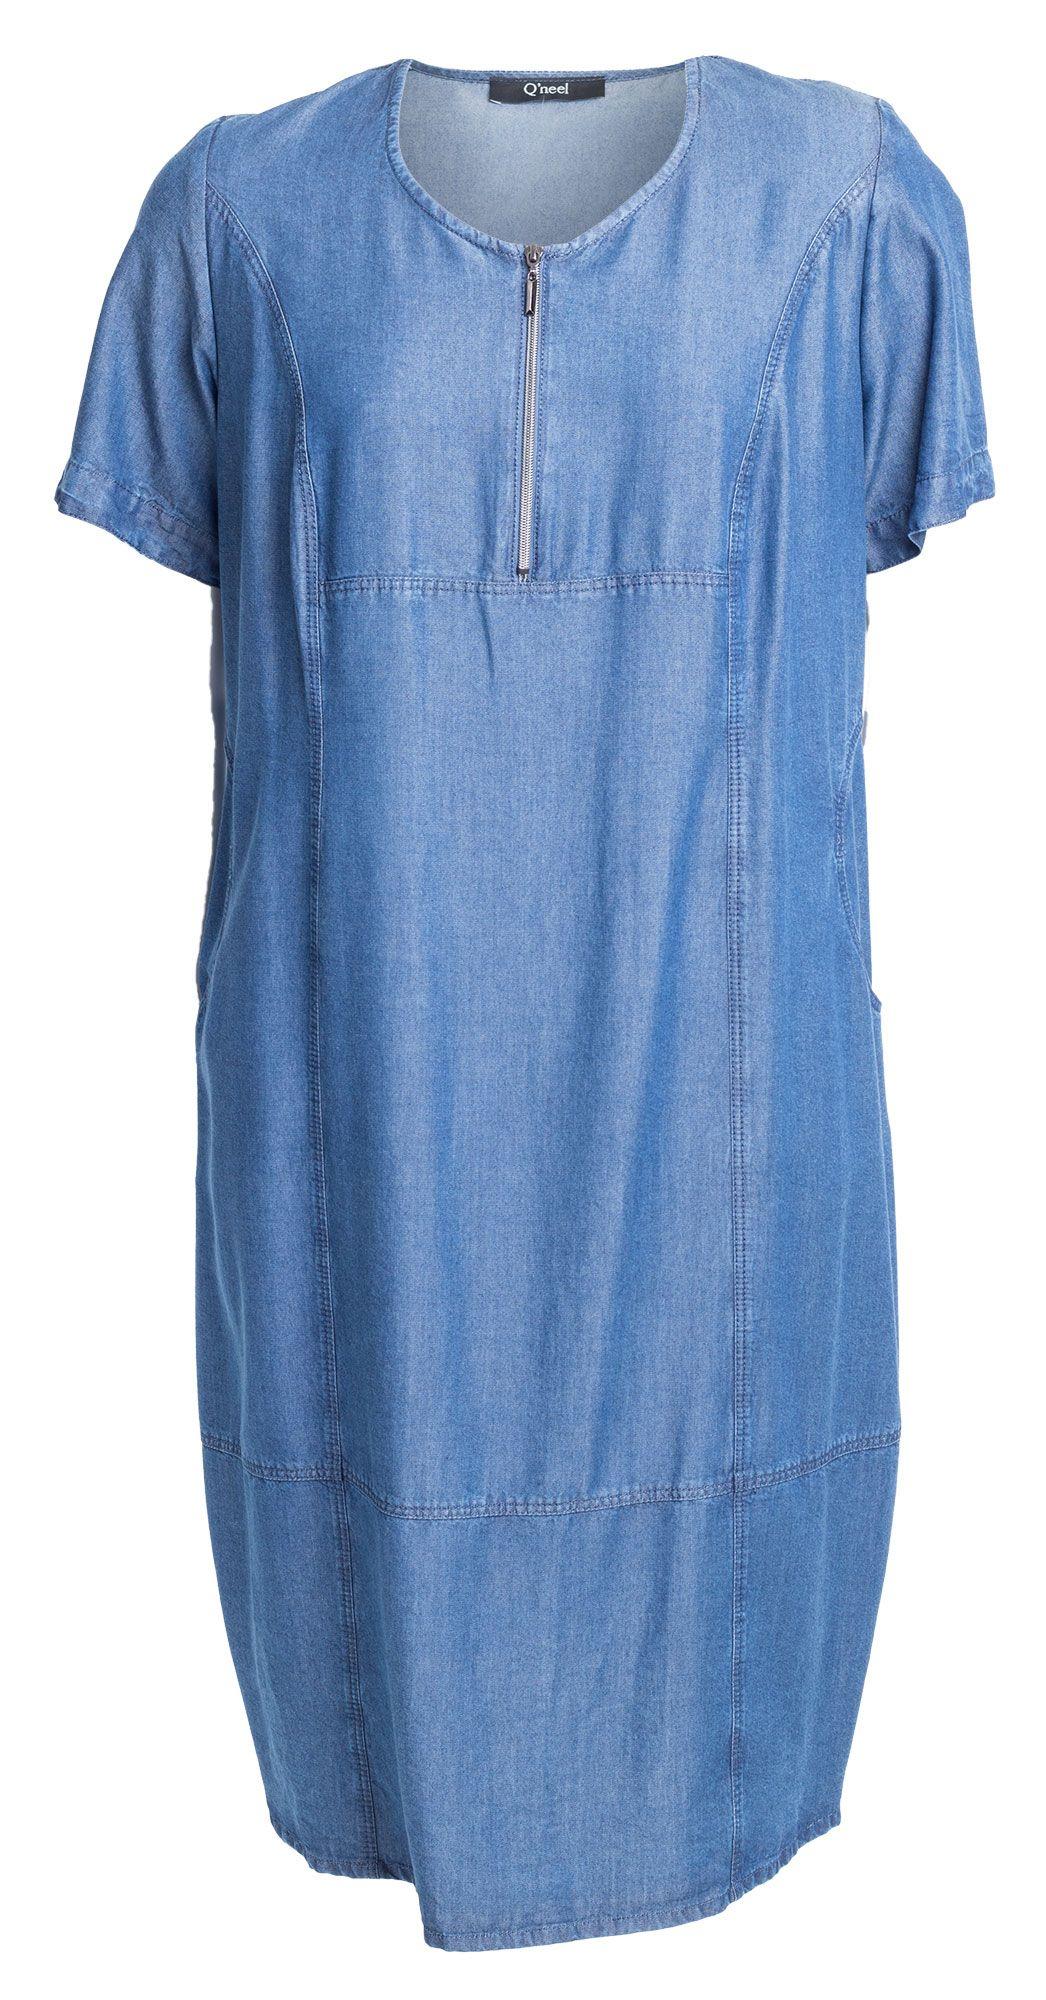 c8beefe4bd51 Super lækre Denim kjole i let kvalitet